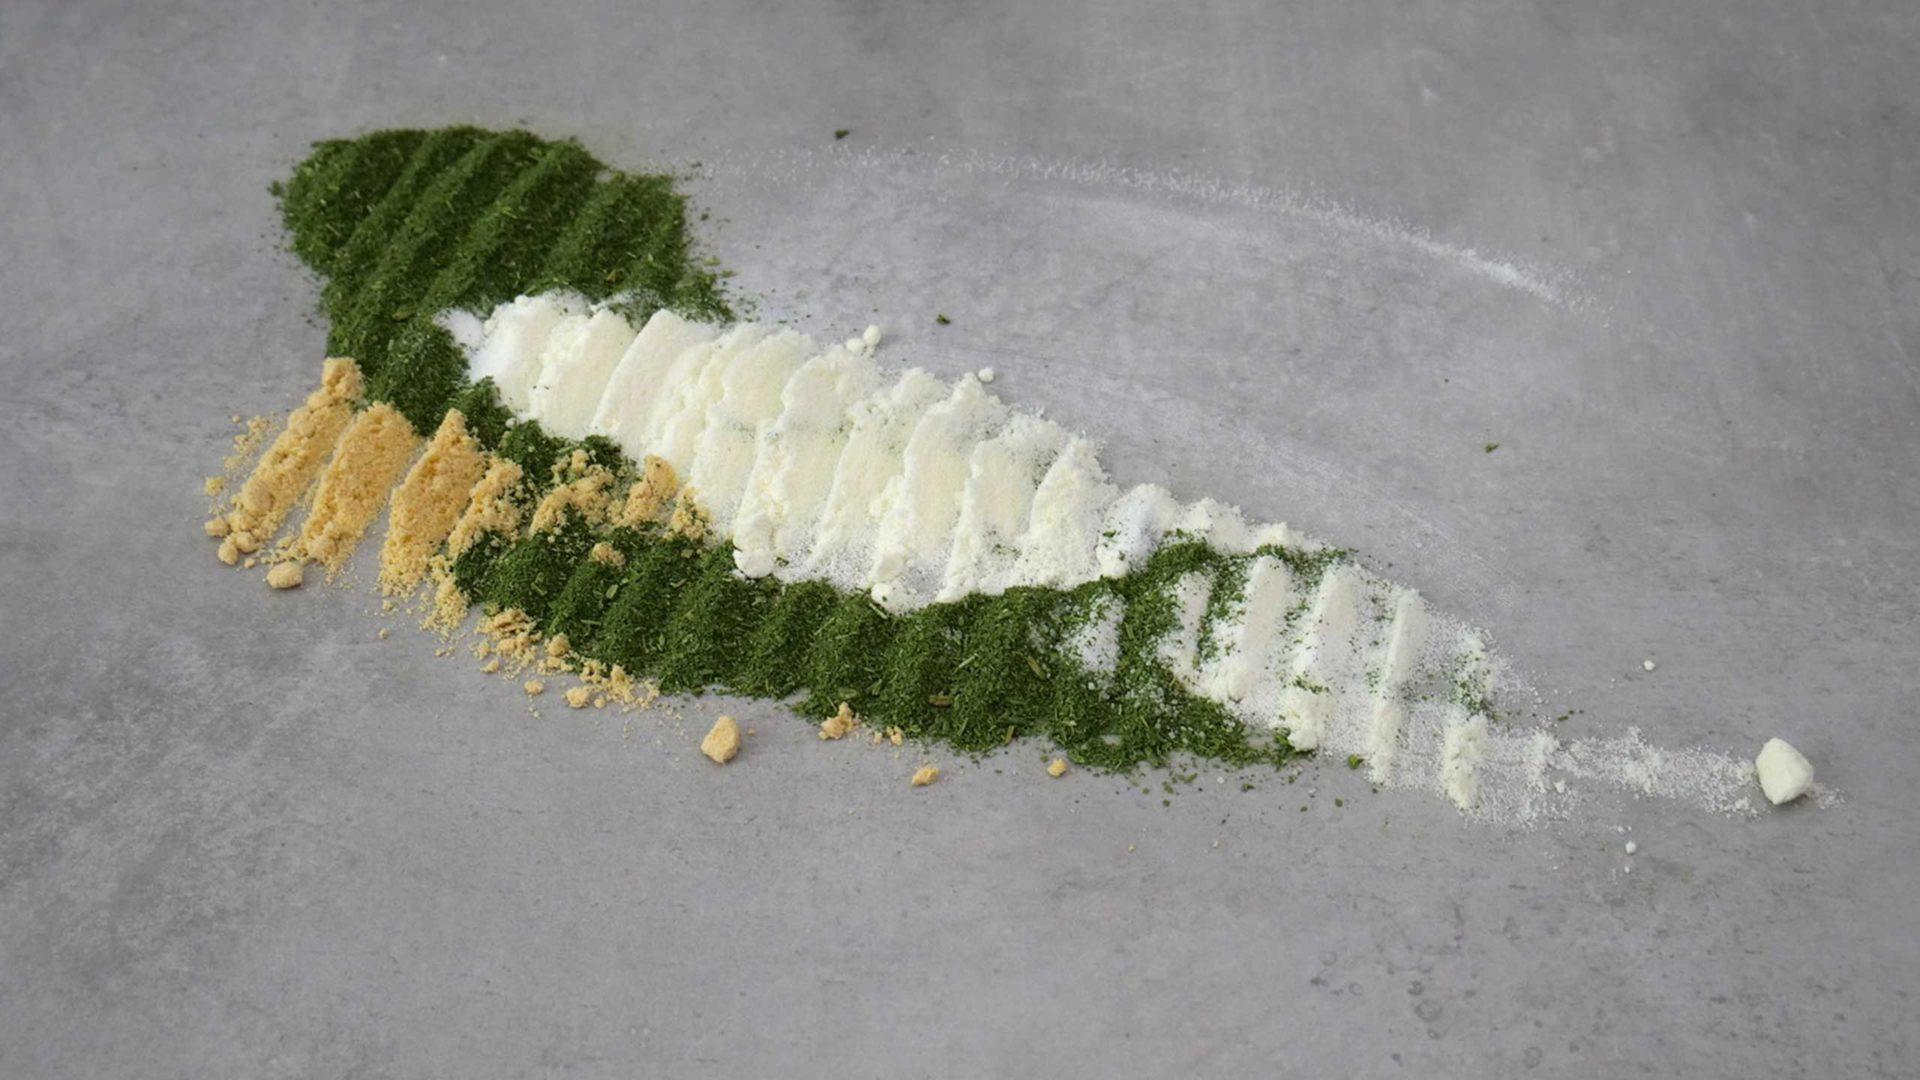 Grünes, weißes und gelbes Pulver auf Tisch